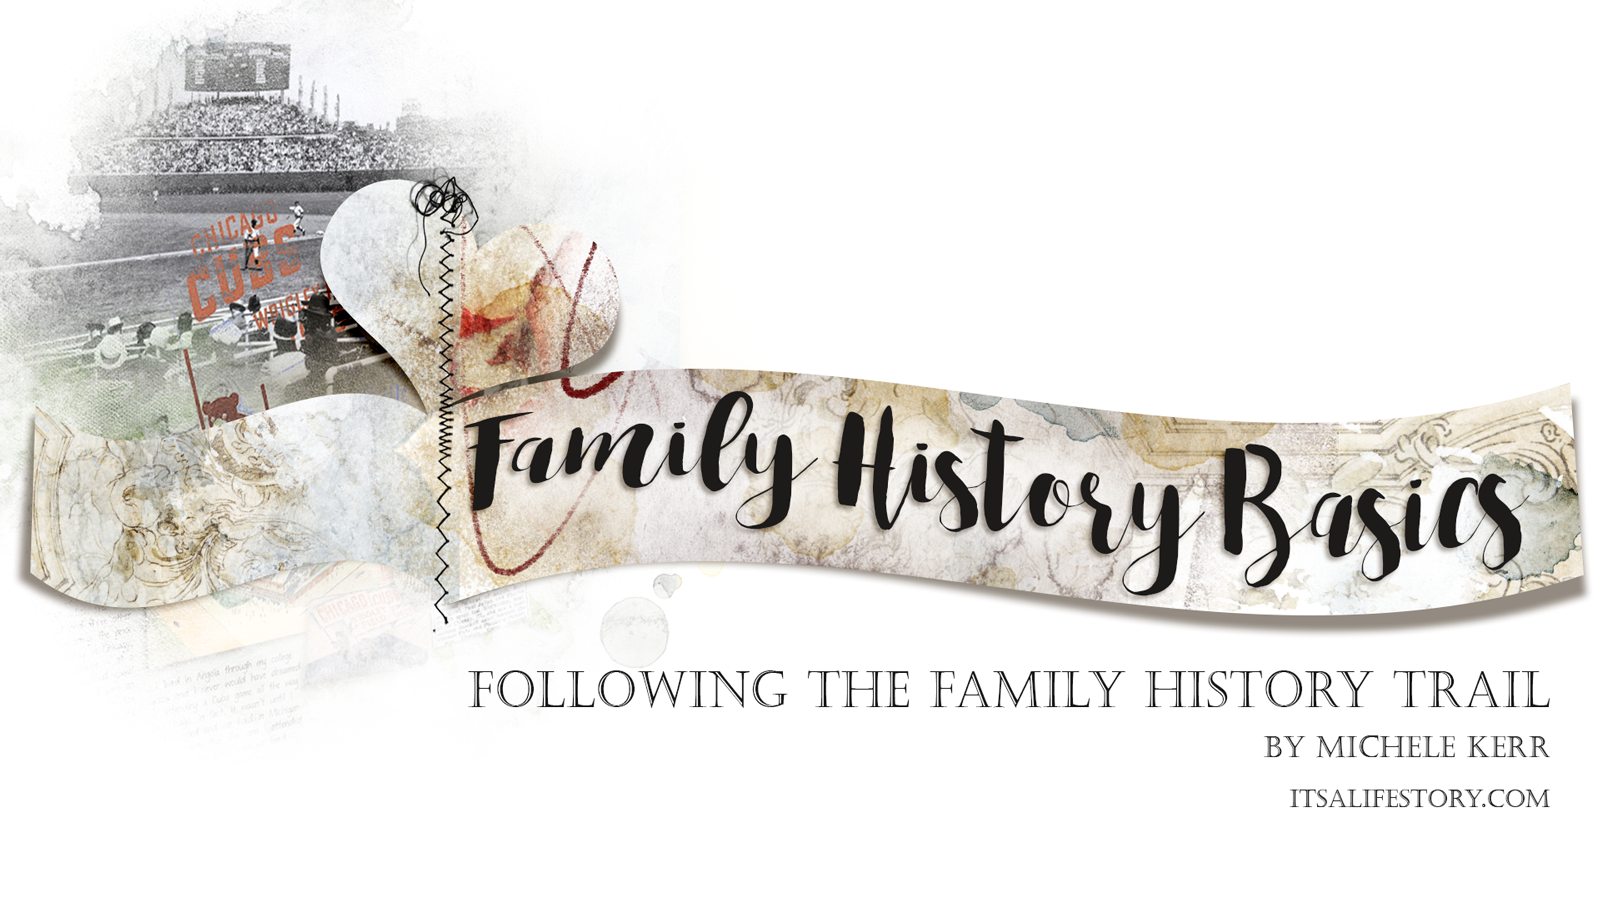 ItsALifeStory.com _ FAMILY HISTORY BASICS - Following the Family History Trail